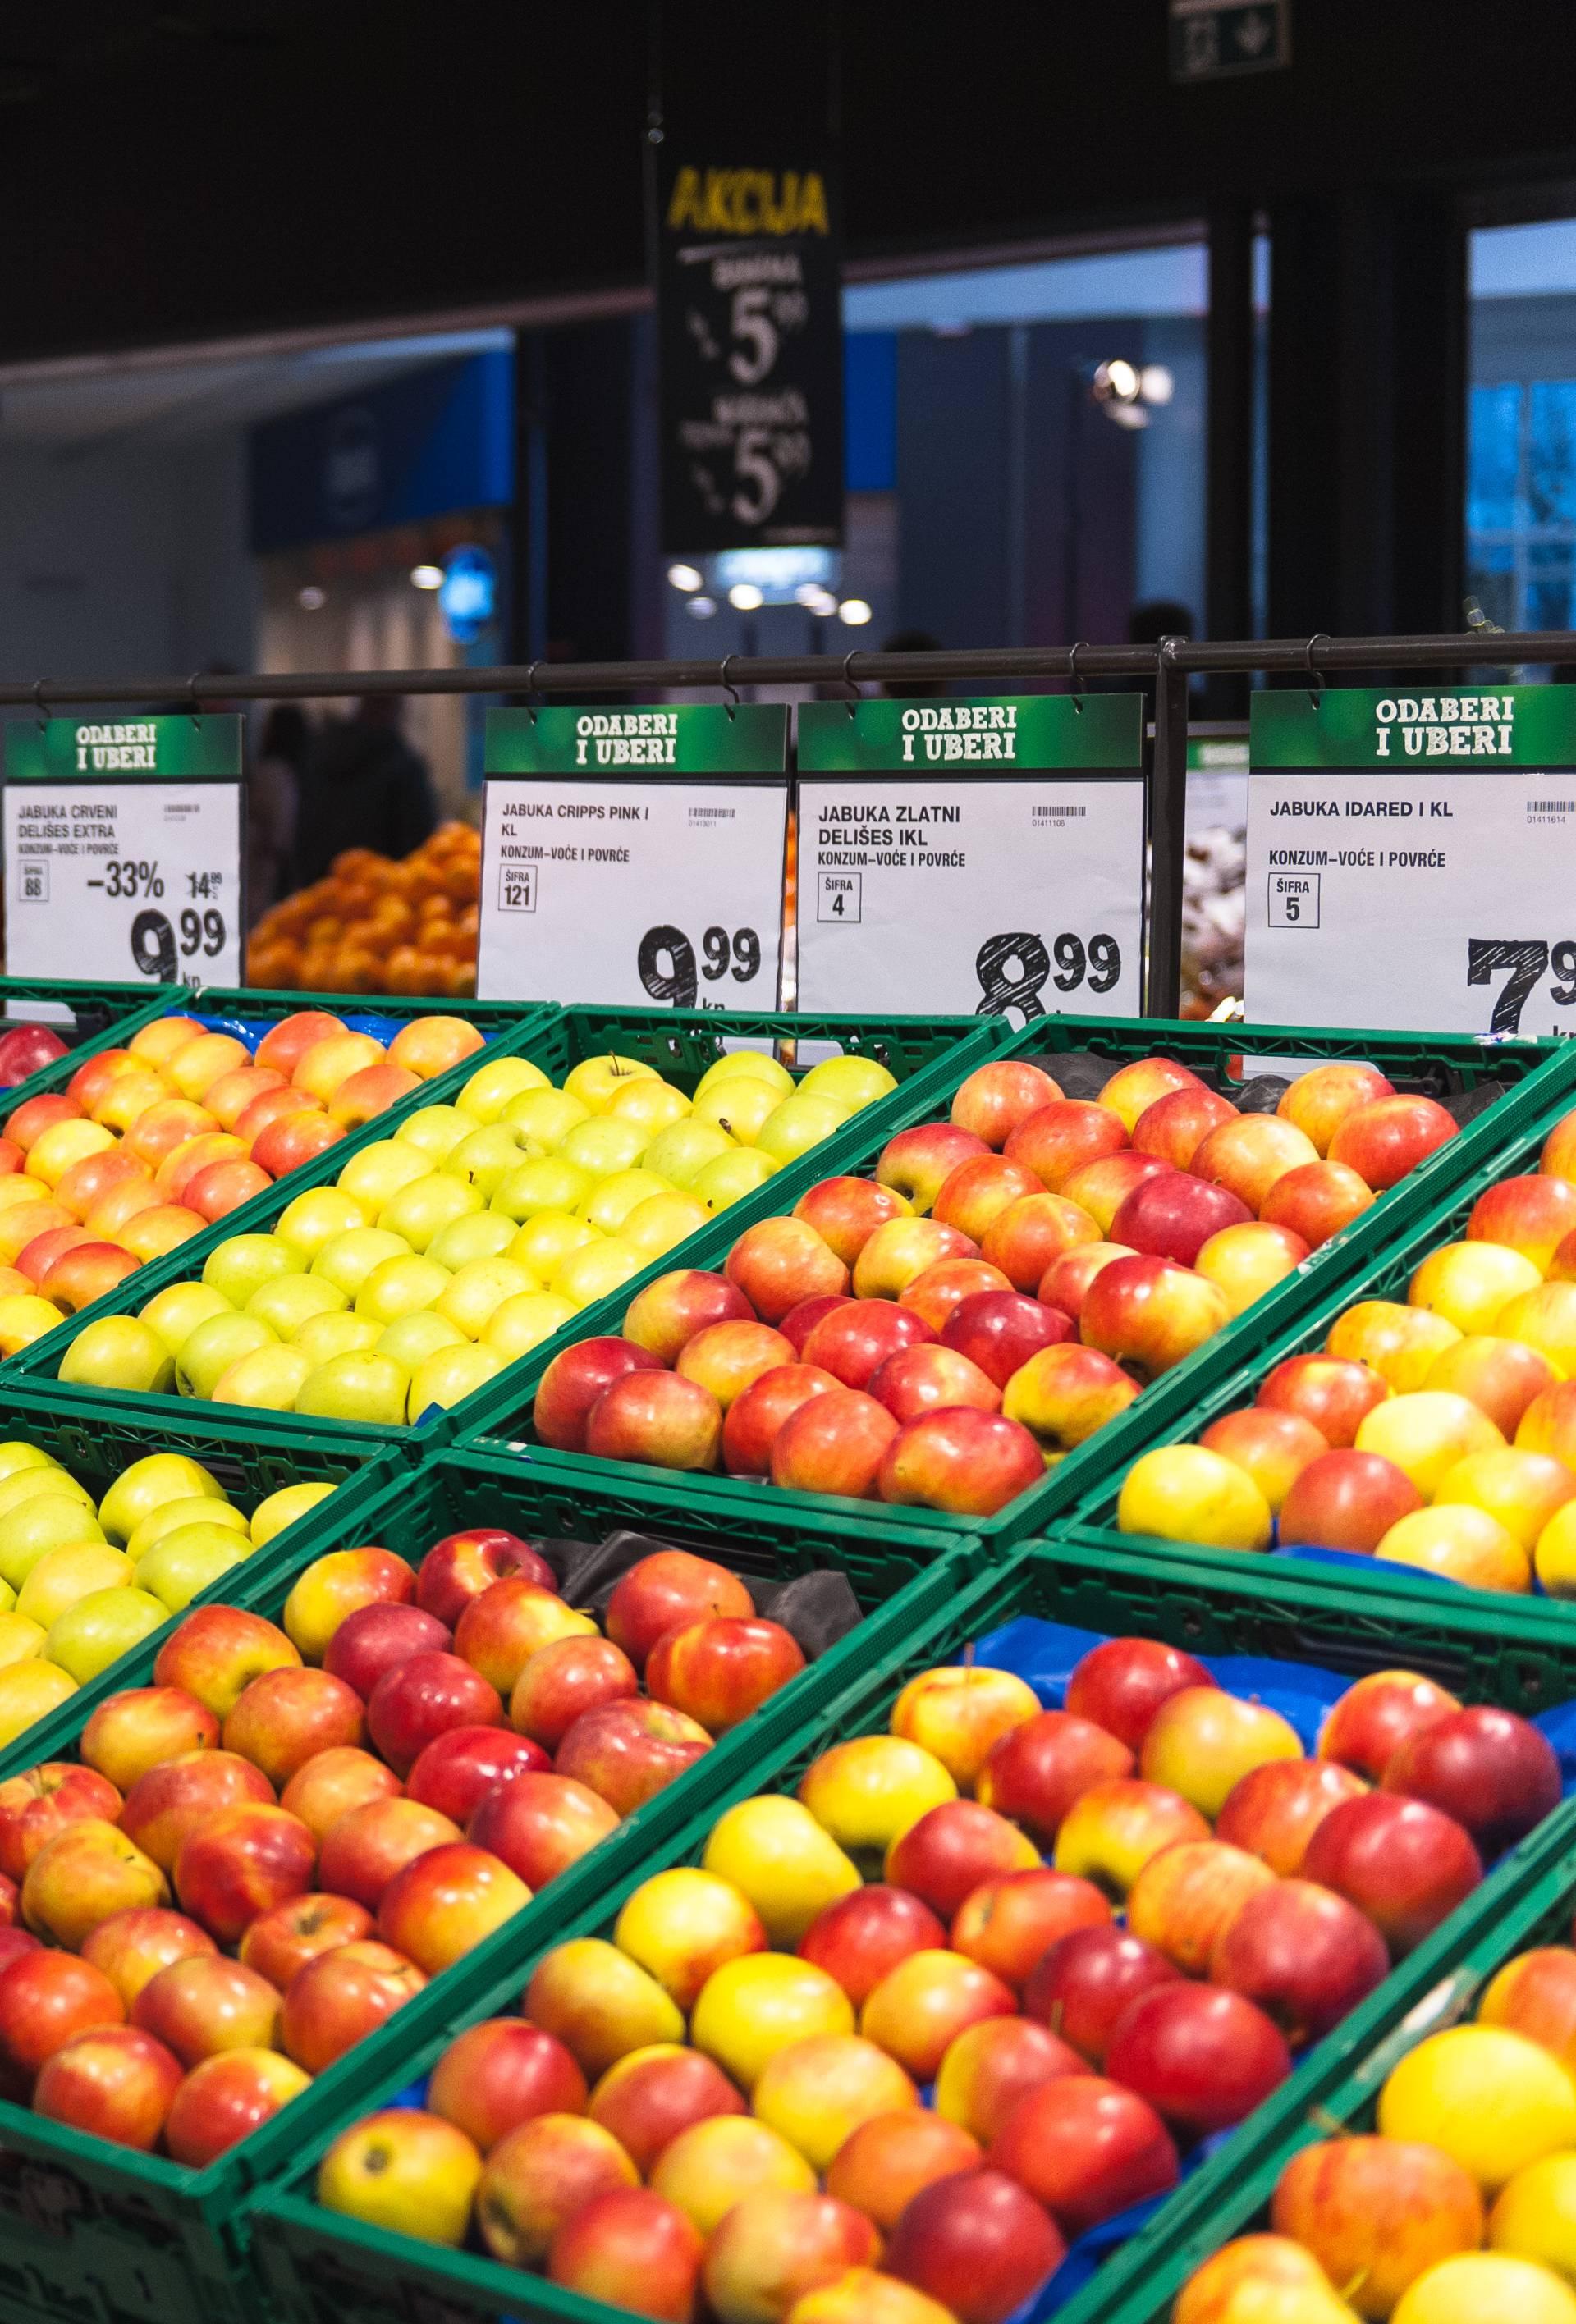 Fortenova grupa donirala hrane u vrijednosti 3,3 milijuna kuna